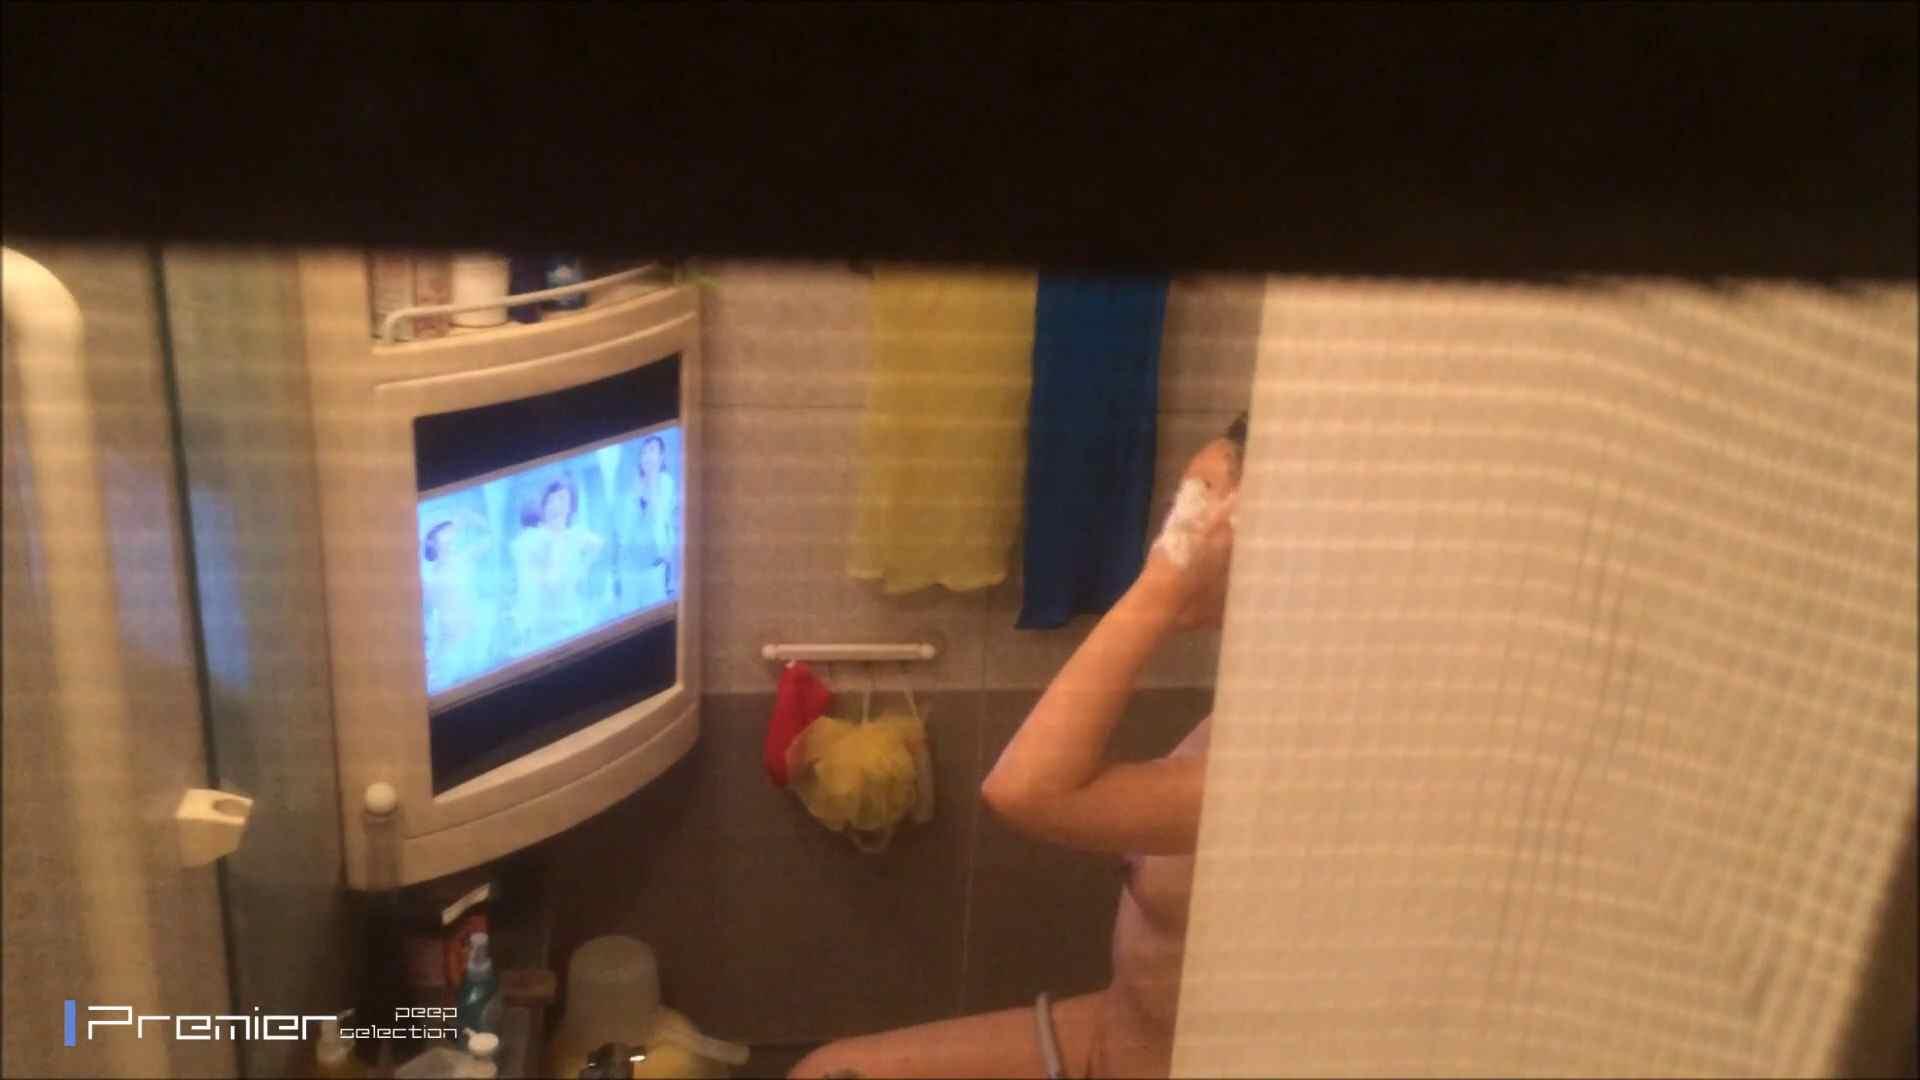 美女のテレビを見ながらの入浴 乙女の風呂場 Vol.21 民家 ワレメ無修正動画無料 111画像 41